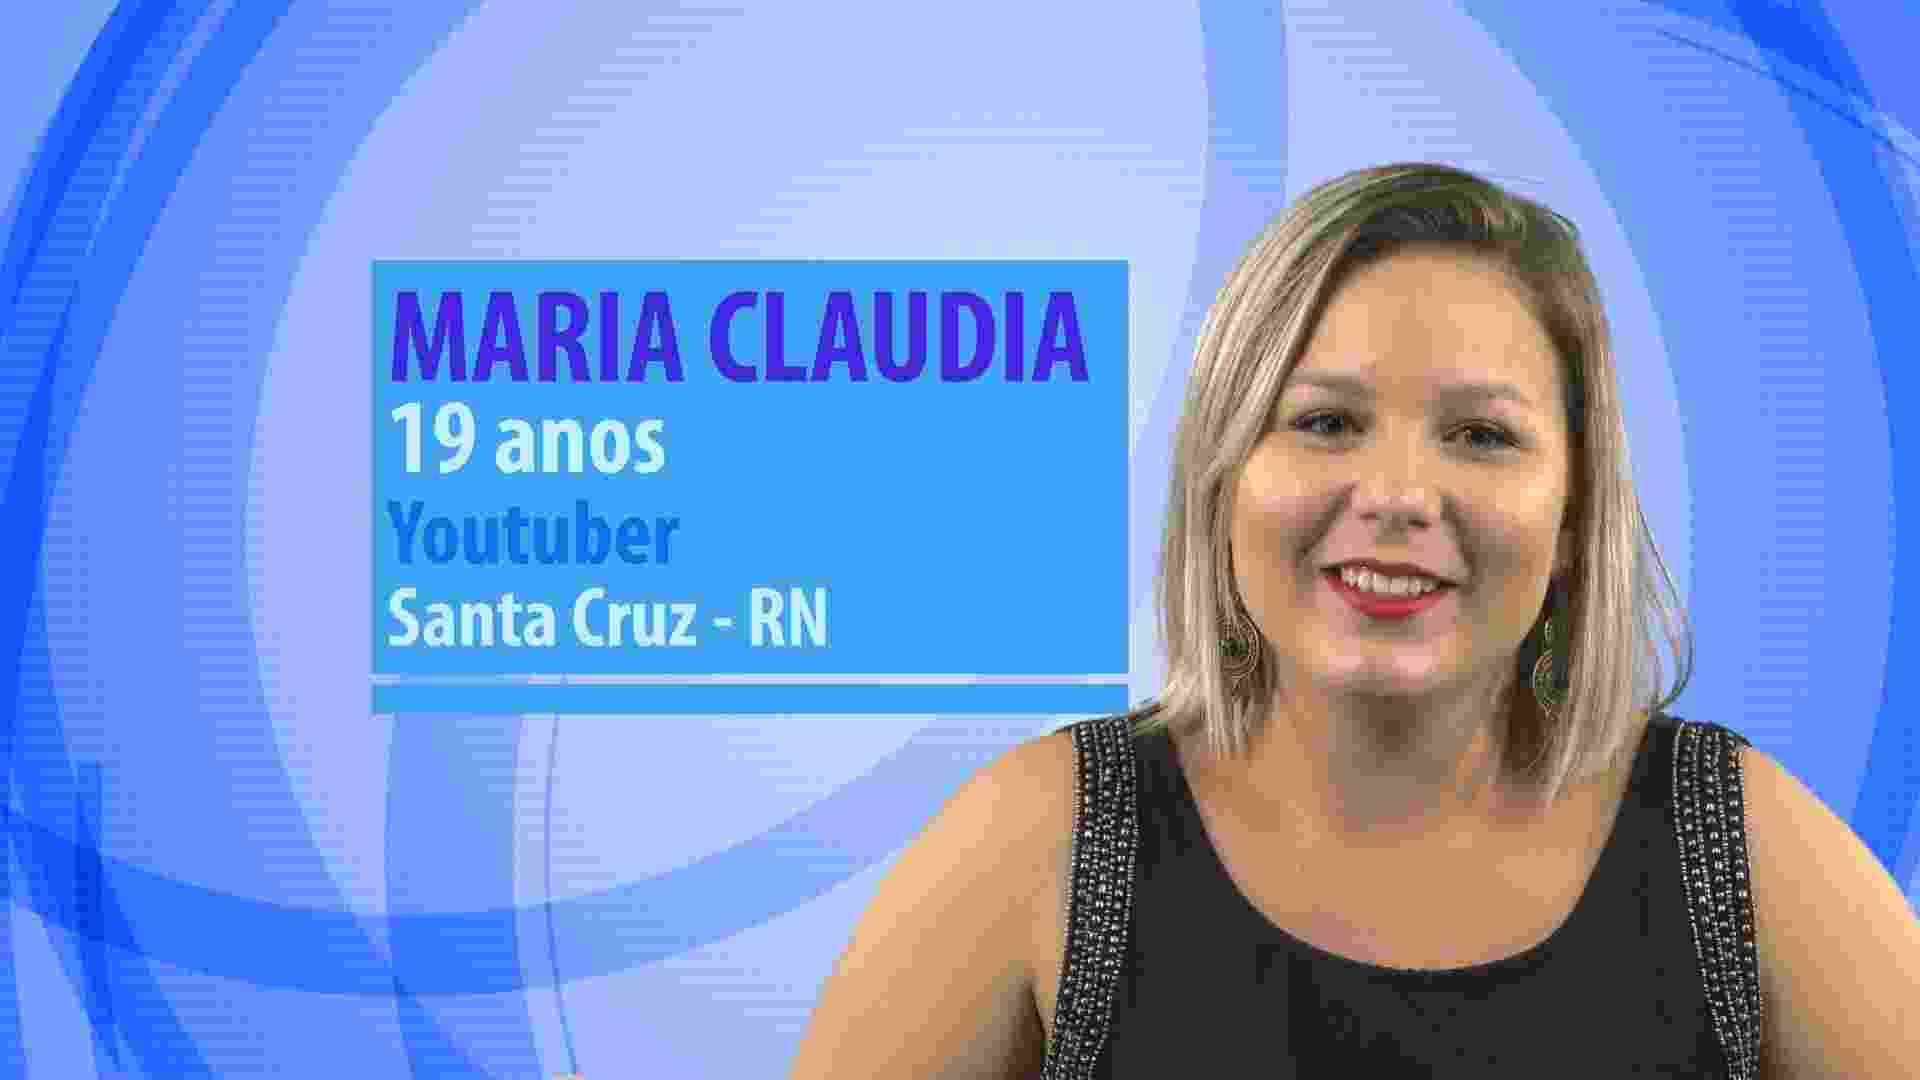 """Maria Claudia, participante do """"BBB16"""", tem 19 anos, é youtuber e mora em Santa Cruz (RN) - Divulgação/TV Globo"""